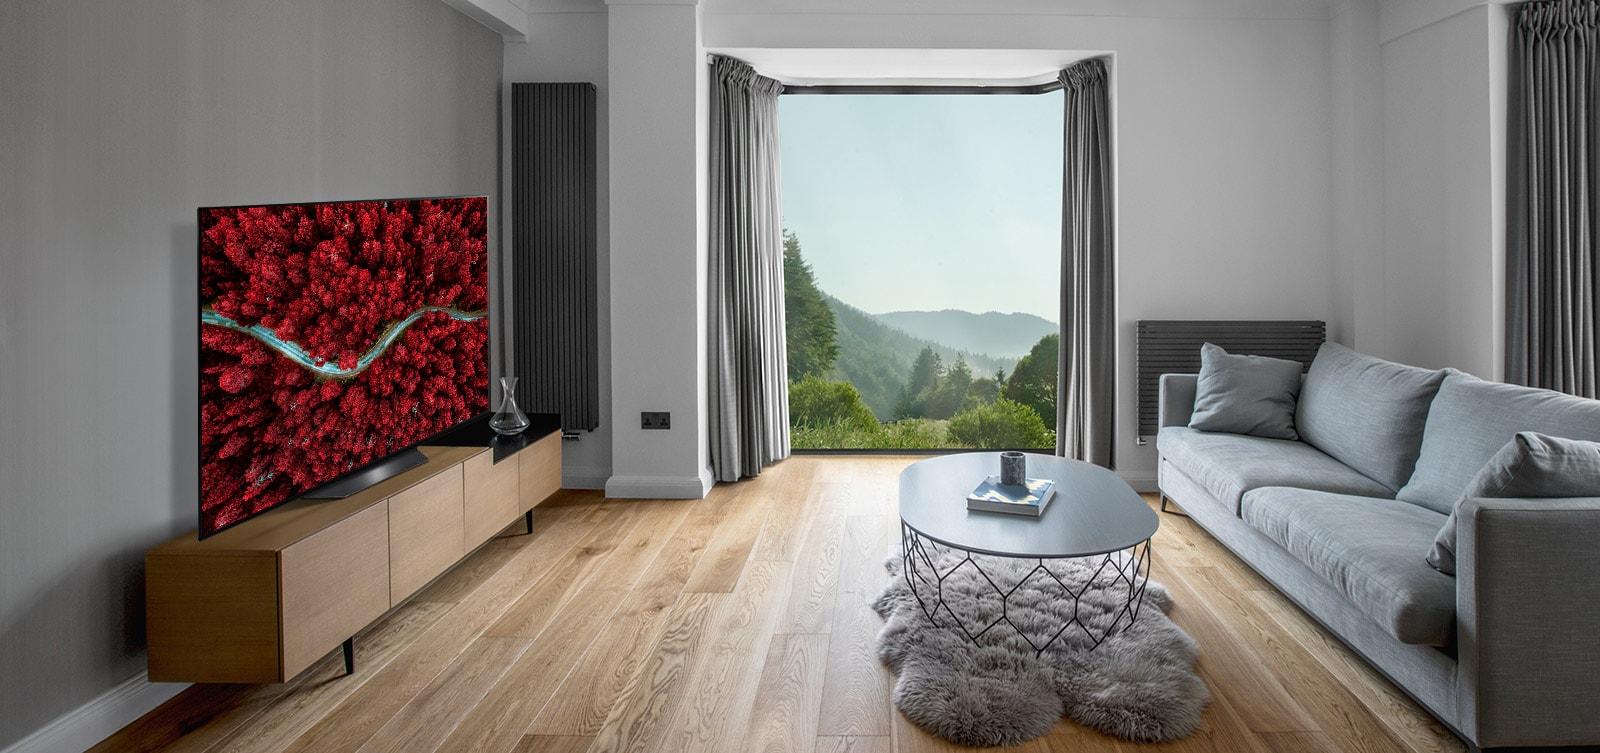 Salon z sofą i telewizorem, na ekranie którego wyświetlony jest obraz przyrody z lotu ptaka